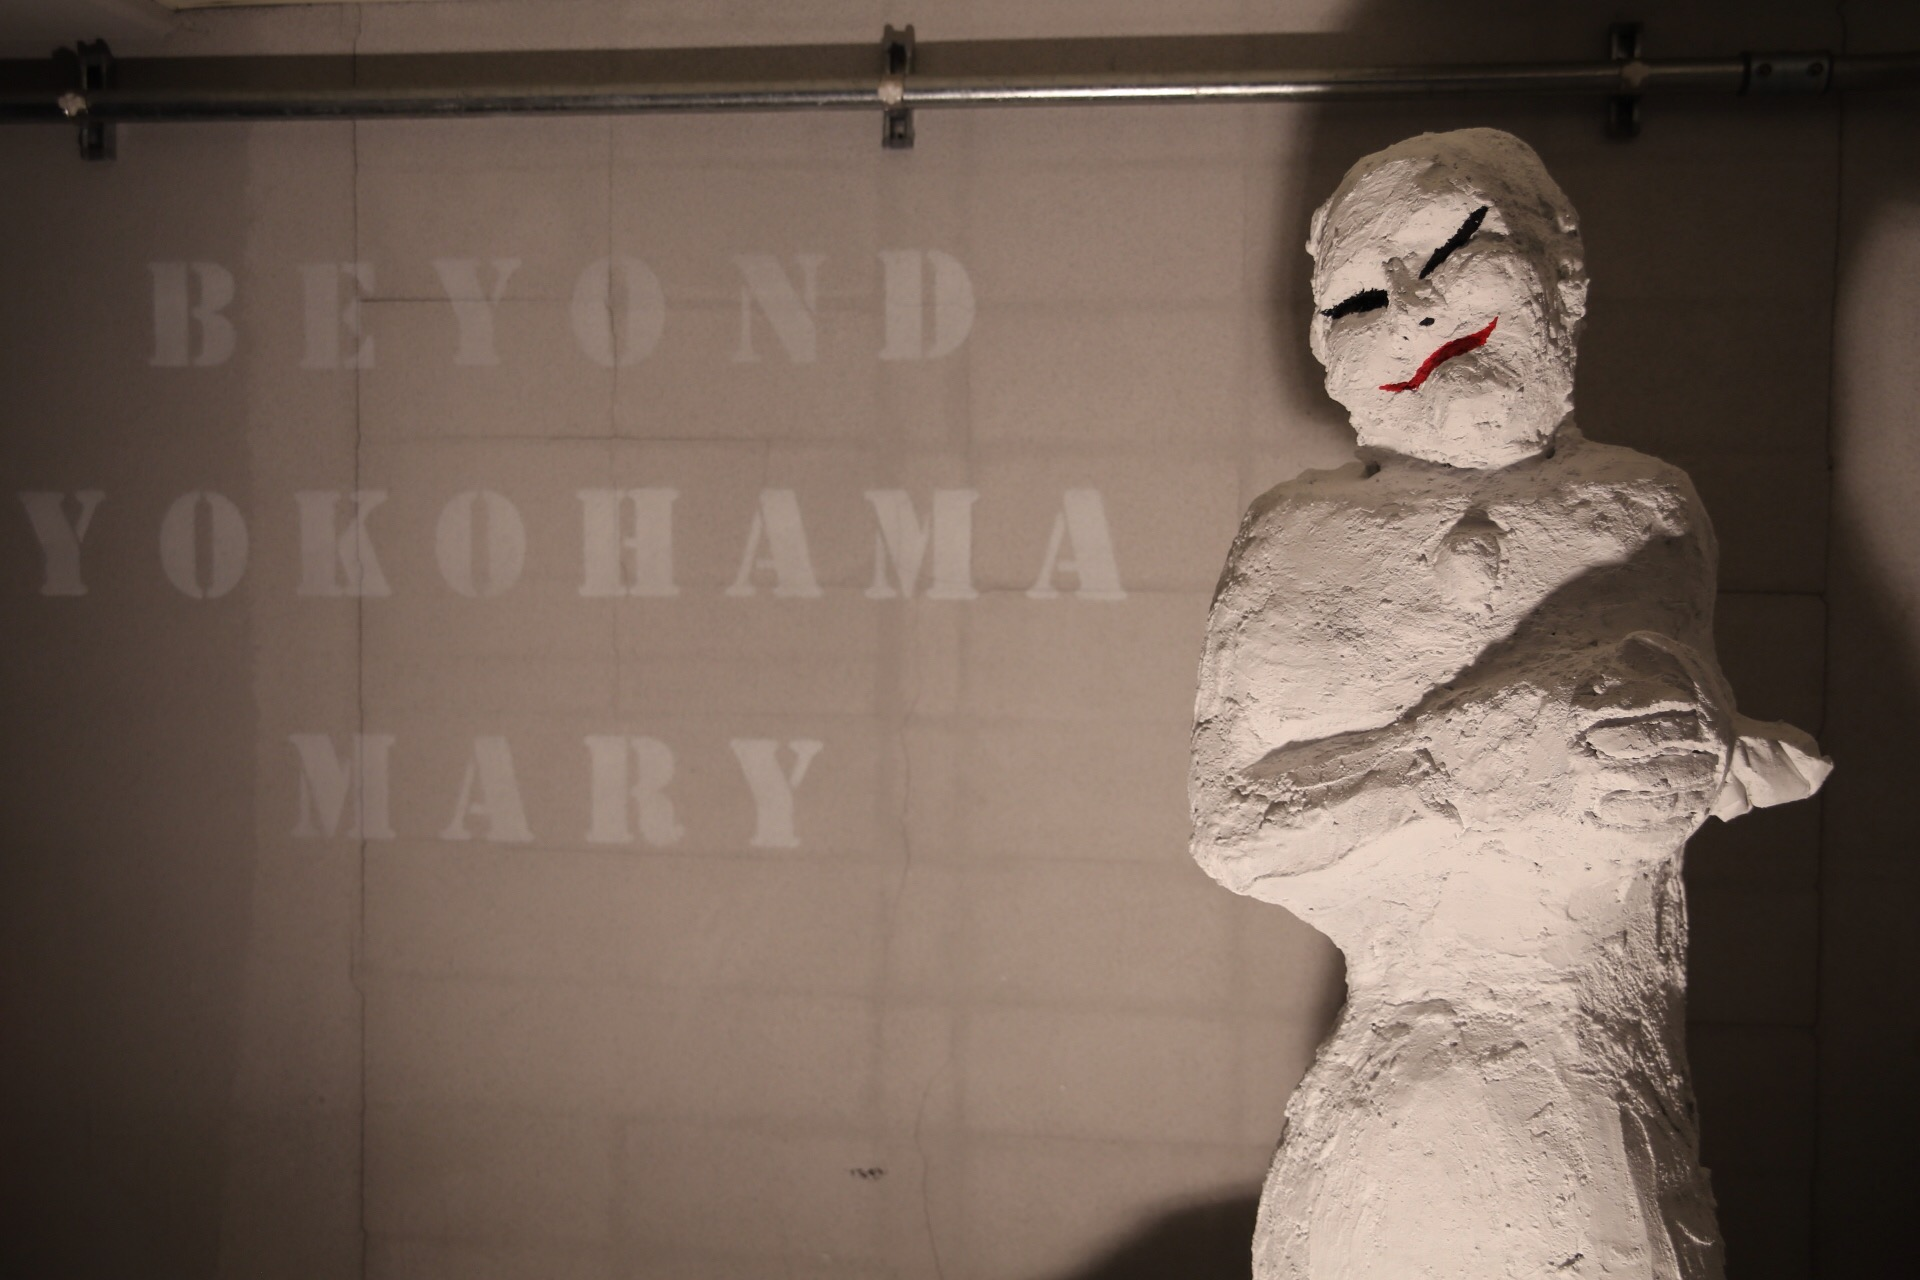 09番/マリオン車庫 小鷹拓郎《Beyond Yokohama Mary》